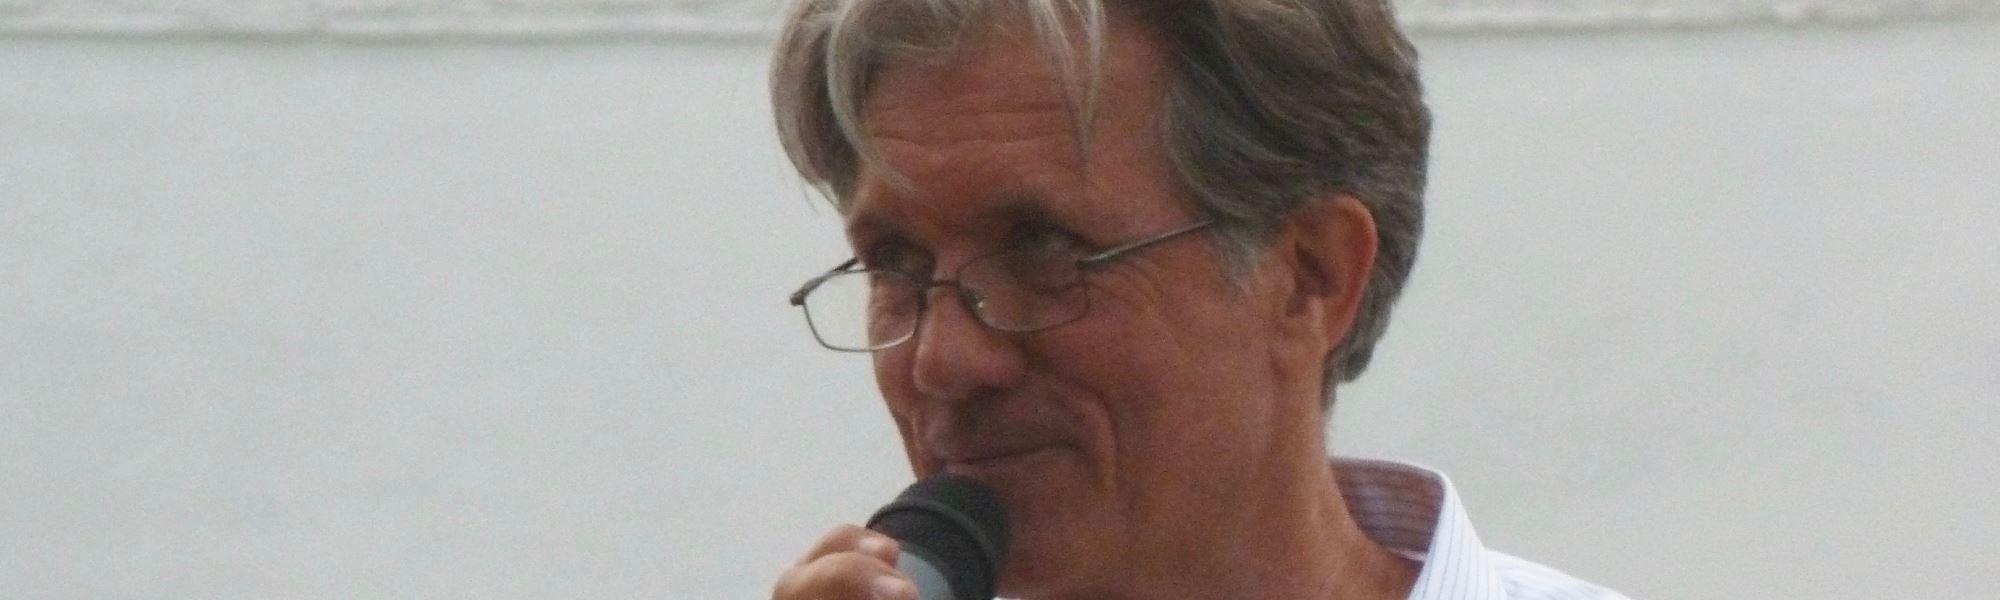 Harald Koisser - Ideen, Bilder, Worte